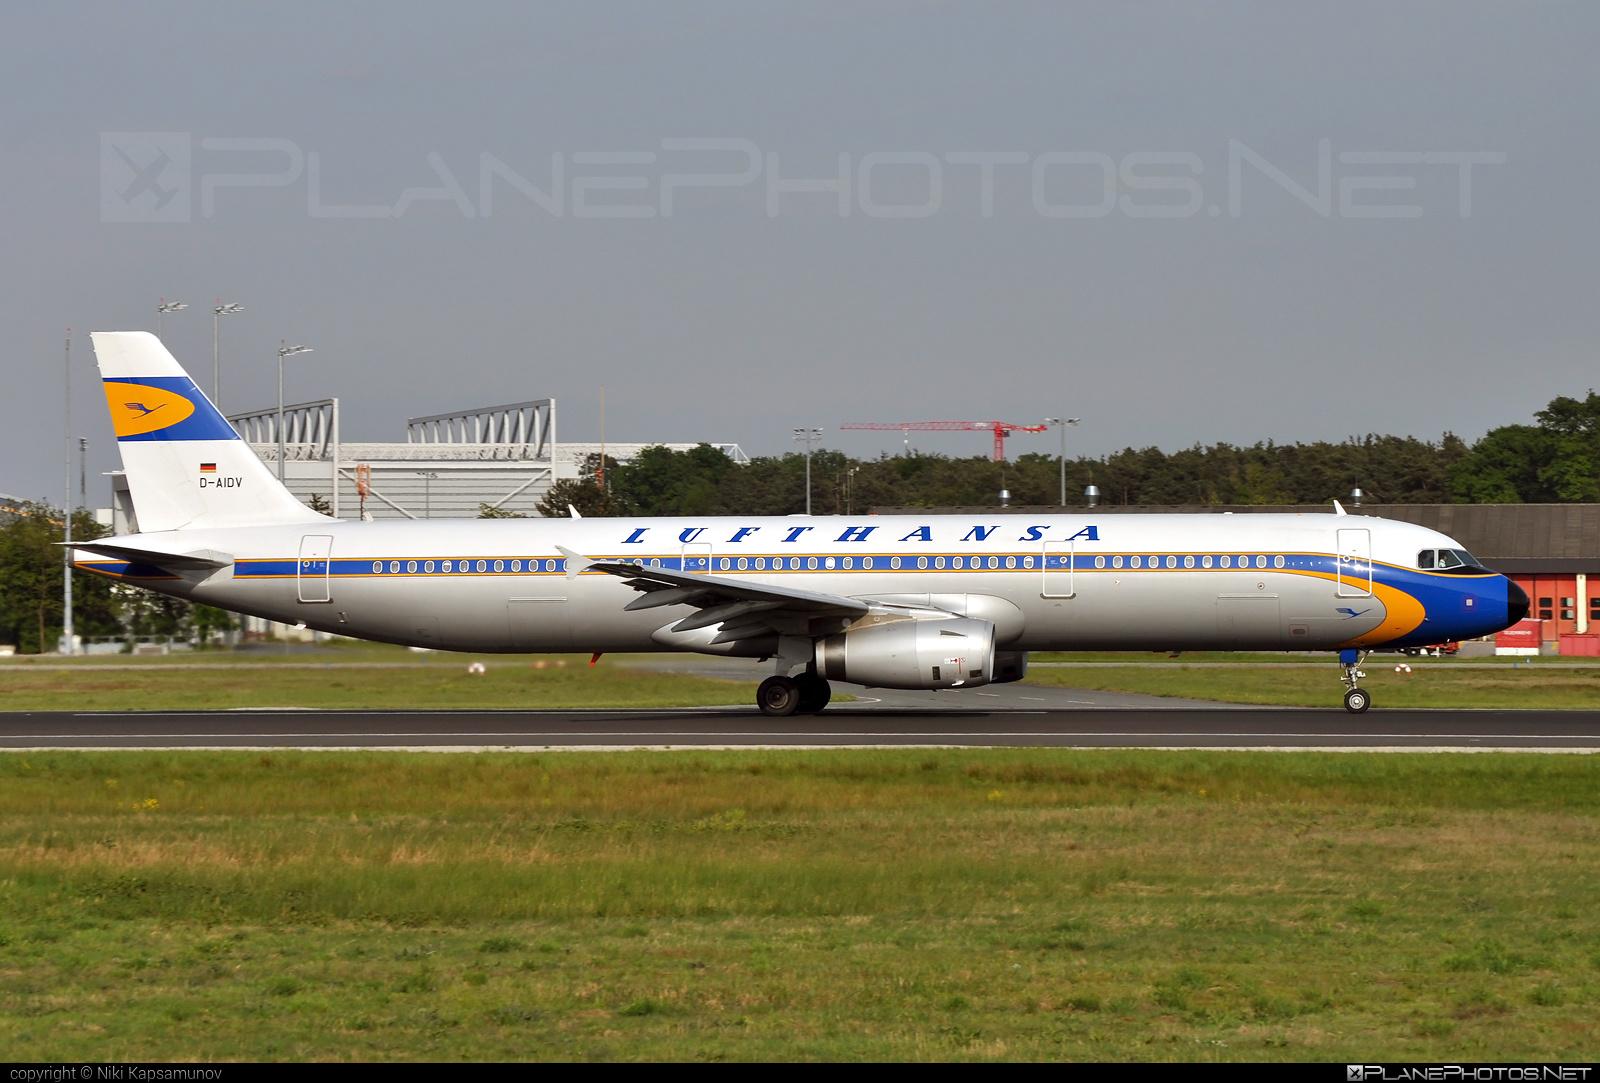 Airbus A321-231 - D-AIDV operated by Lufthansa #a320family #a321 #airbus #airbus321 #lufthansa #retro